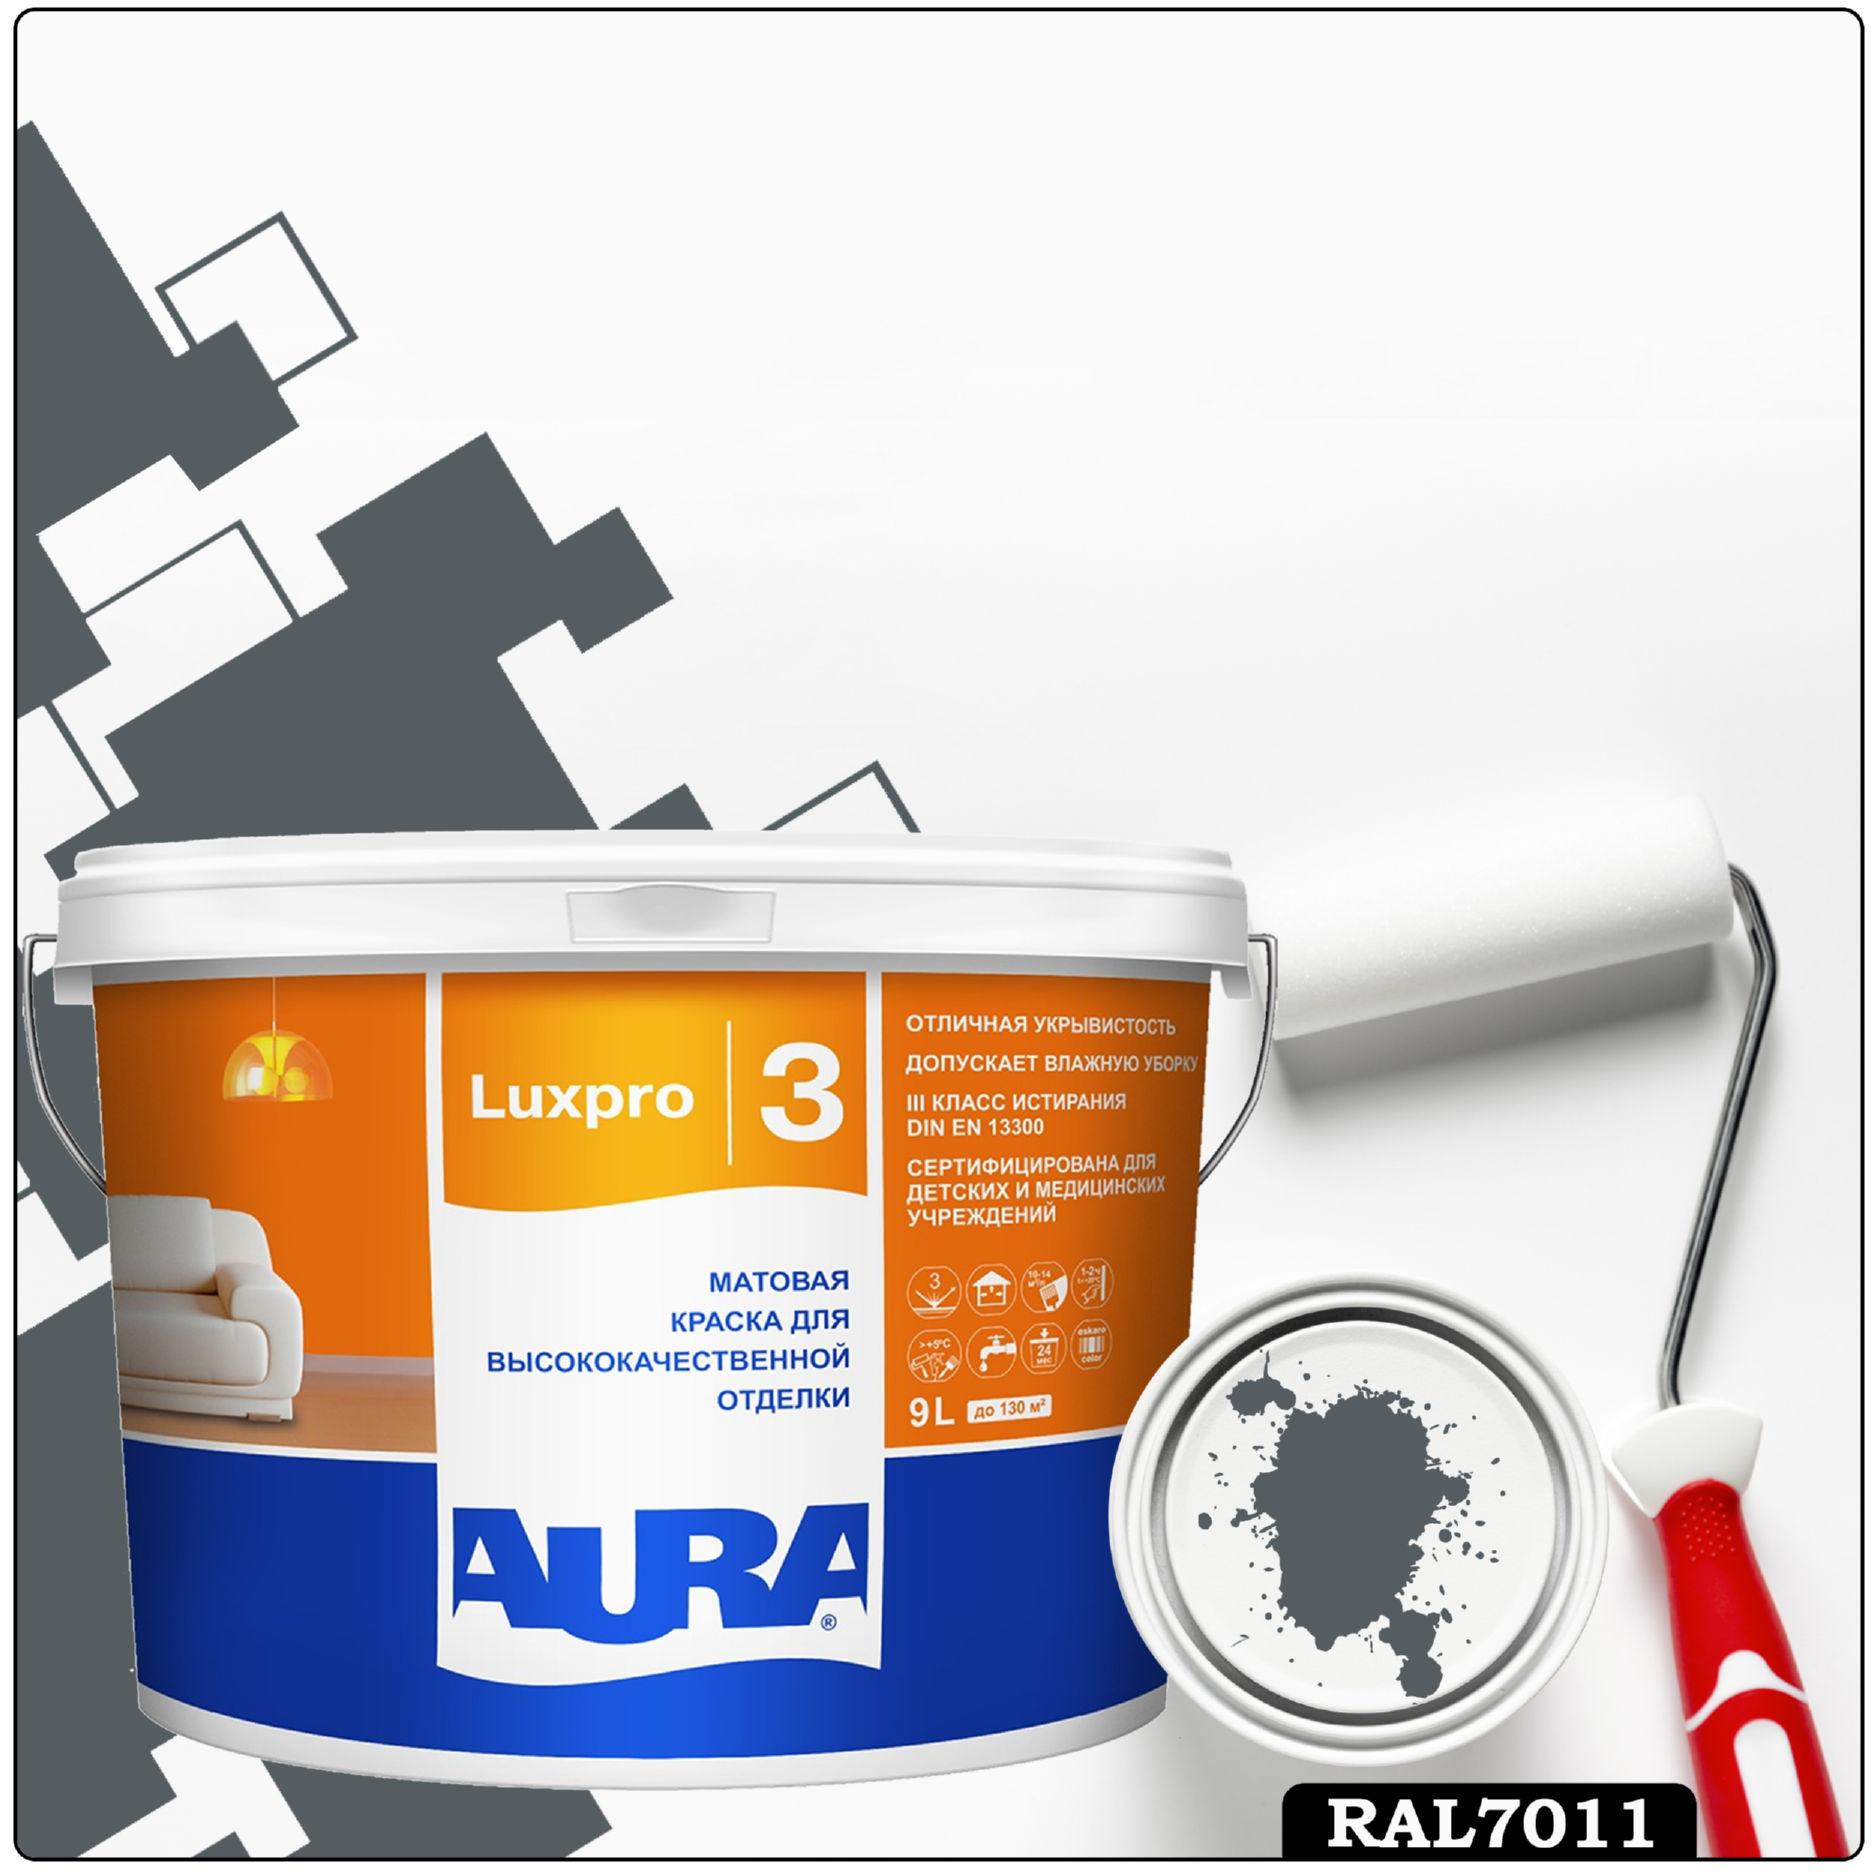 Фото 11 - Краска Aura LuxPRO 3, RAL 7011 Серый металл, латексная, шелково-матовая, интерьерная, 9л, Аура.